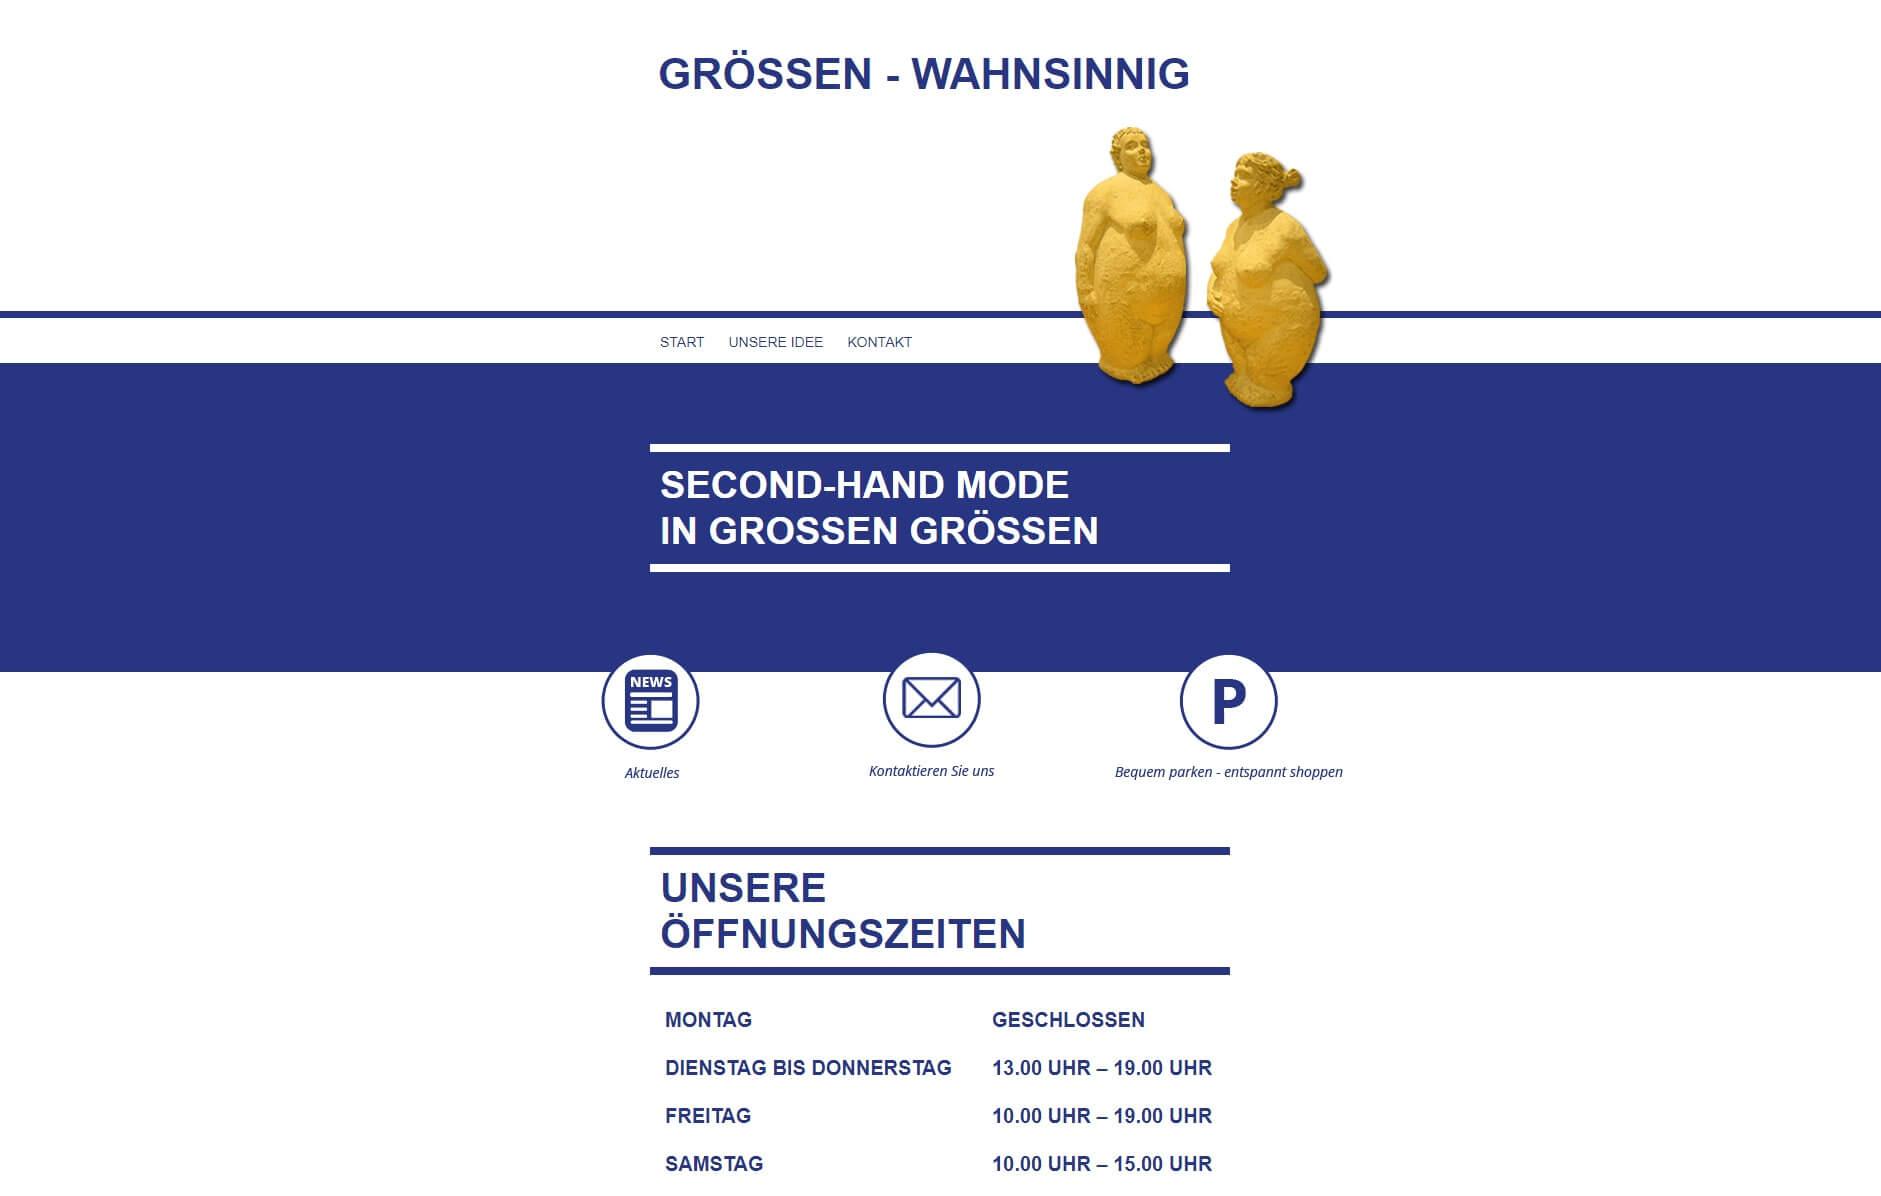 Image of Stylische Second-Hand-Mode in Komfortgrößen: Größen-Wahnsinnig in Ulm